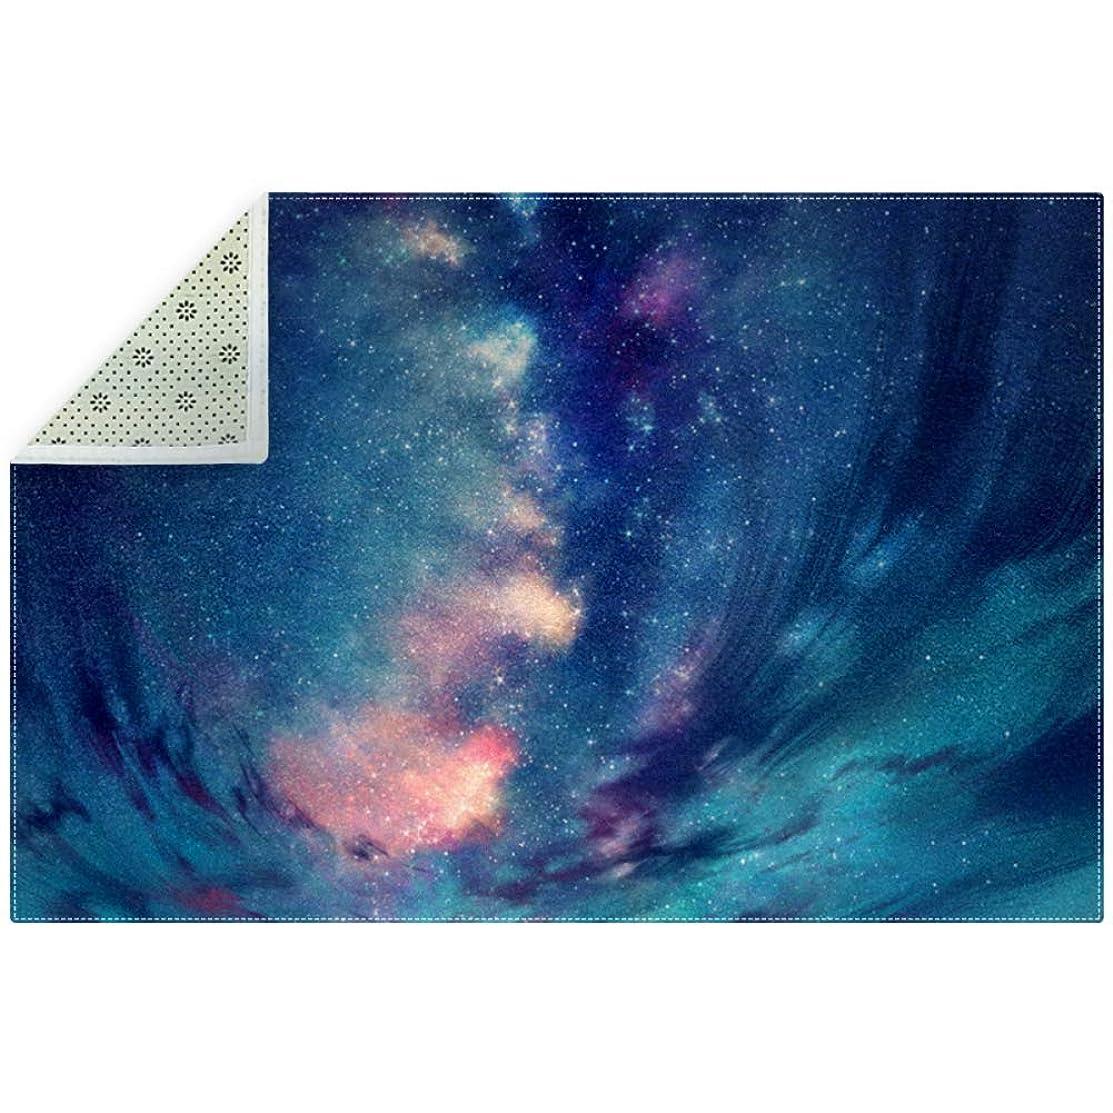 オークションどこでも不機嫌AyuStyle ラグ カーペット 200×150cm 星空 夜空 宇宙 ラグマット ホットカーペット フロアマット 個性的 オシャレ 長方形 滑り止め付き